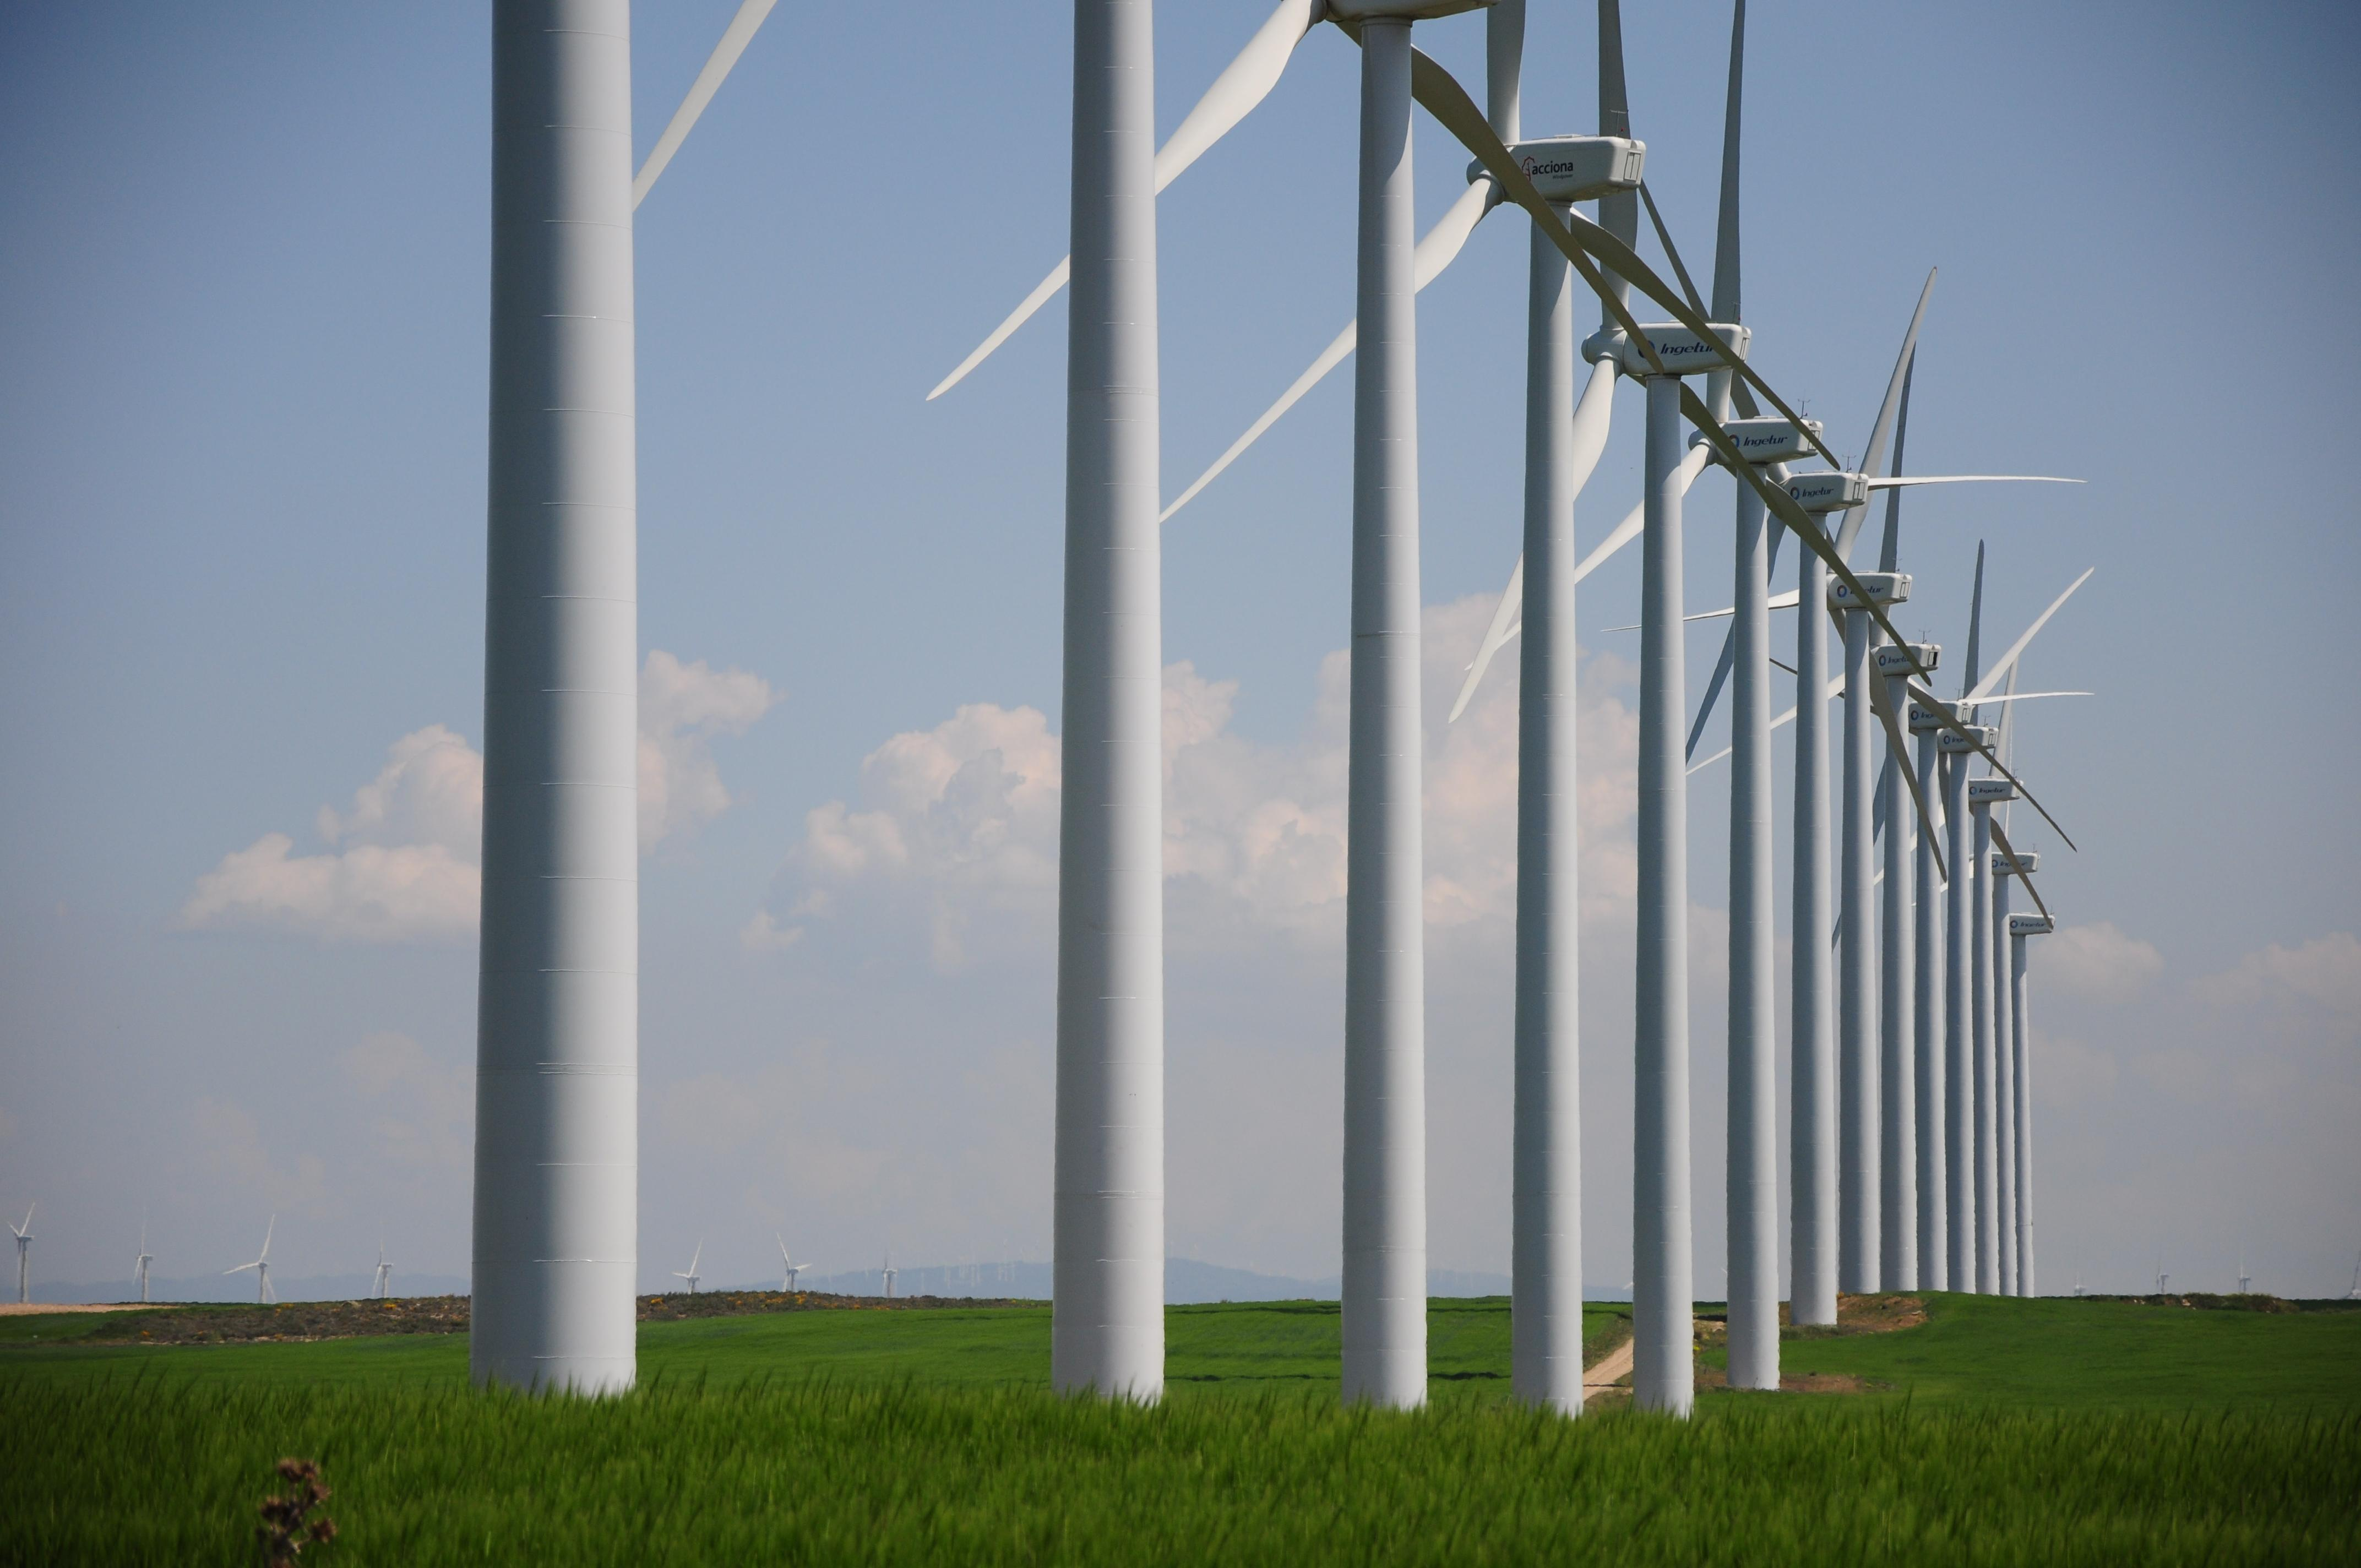 Eólica. Tienes hasta el 8 de enero para inscribirte en el Curso de Mantenimiento de Parques Eólicos